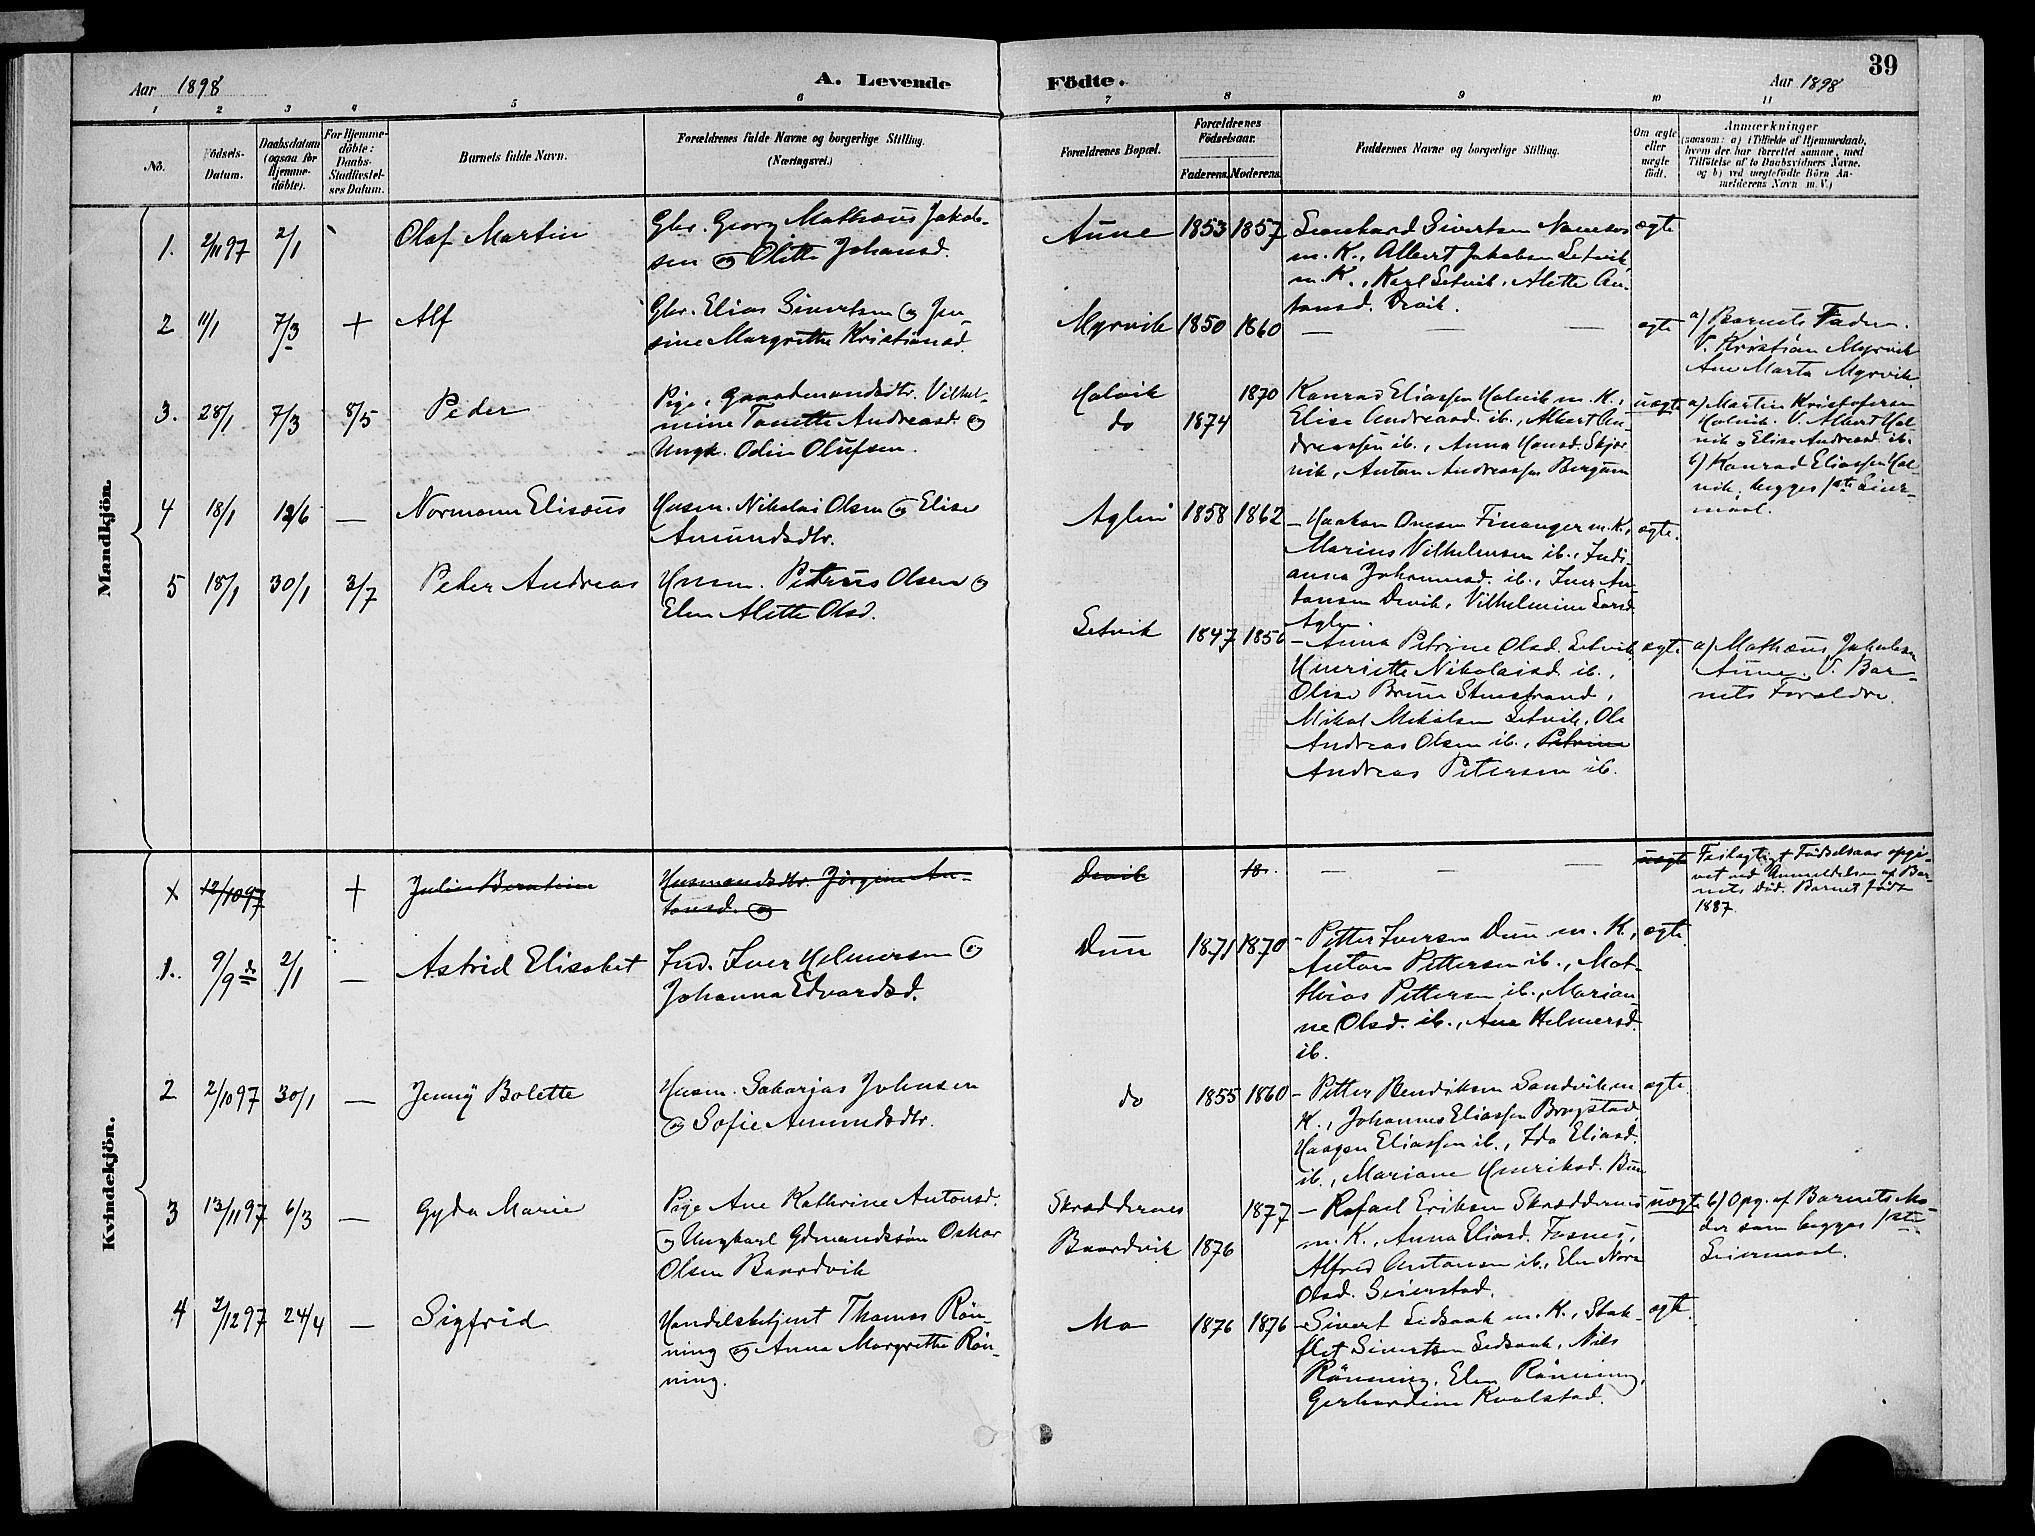 SAT, Ministerialprotokoller, klokkerbøker og fødselsregistre - Nord-Trøndelag, 773/L0617: Ministerialbok nr. 773A08, 1887-1910, s. 39